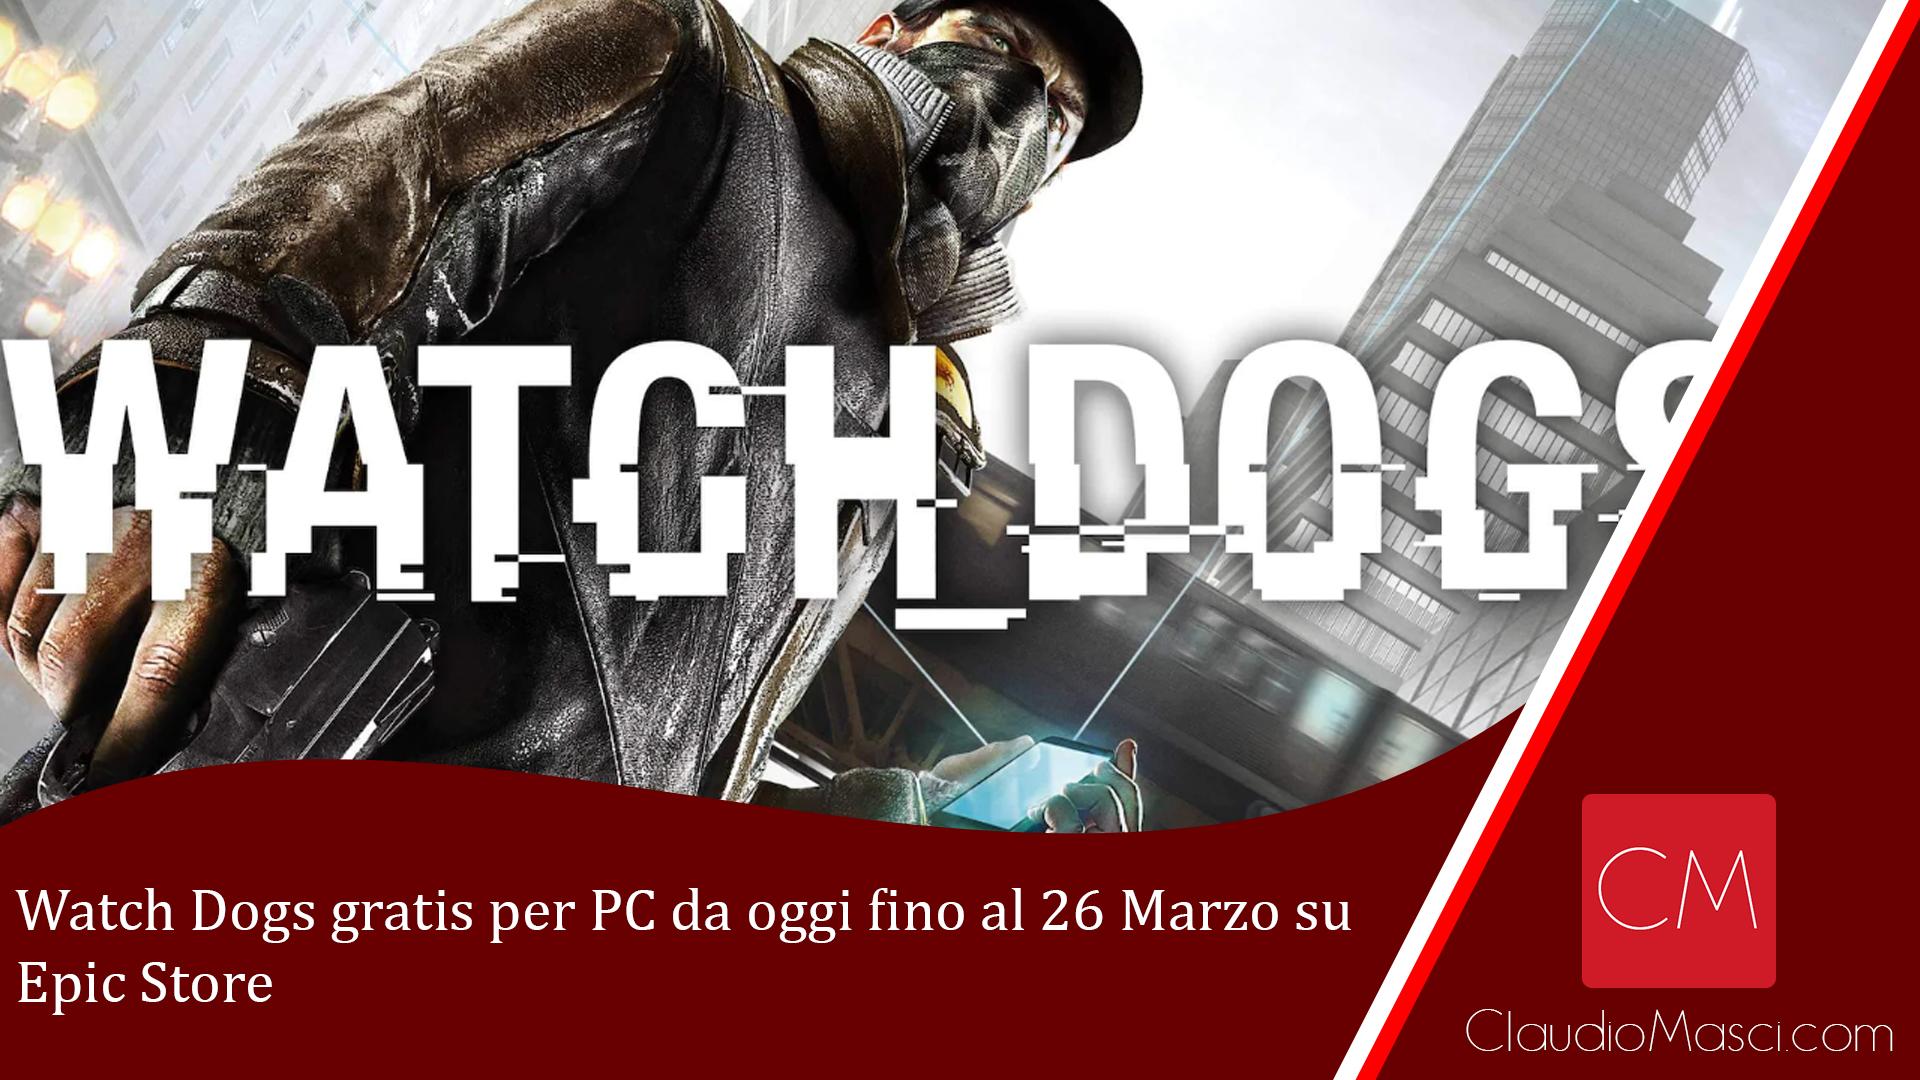 Watch Dogs gratis per PC da oggi fino al 26 Marzo su Epic Store